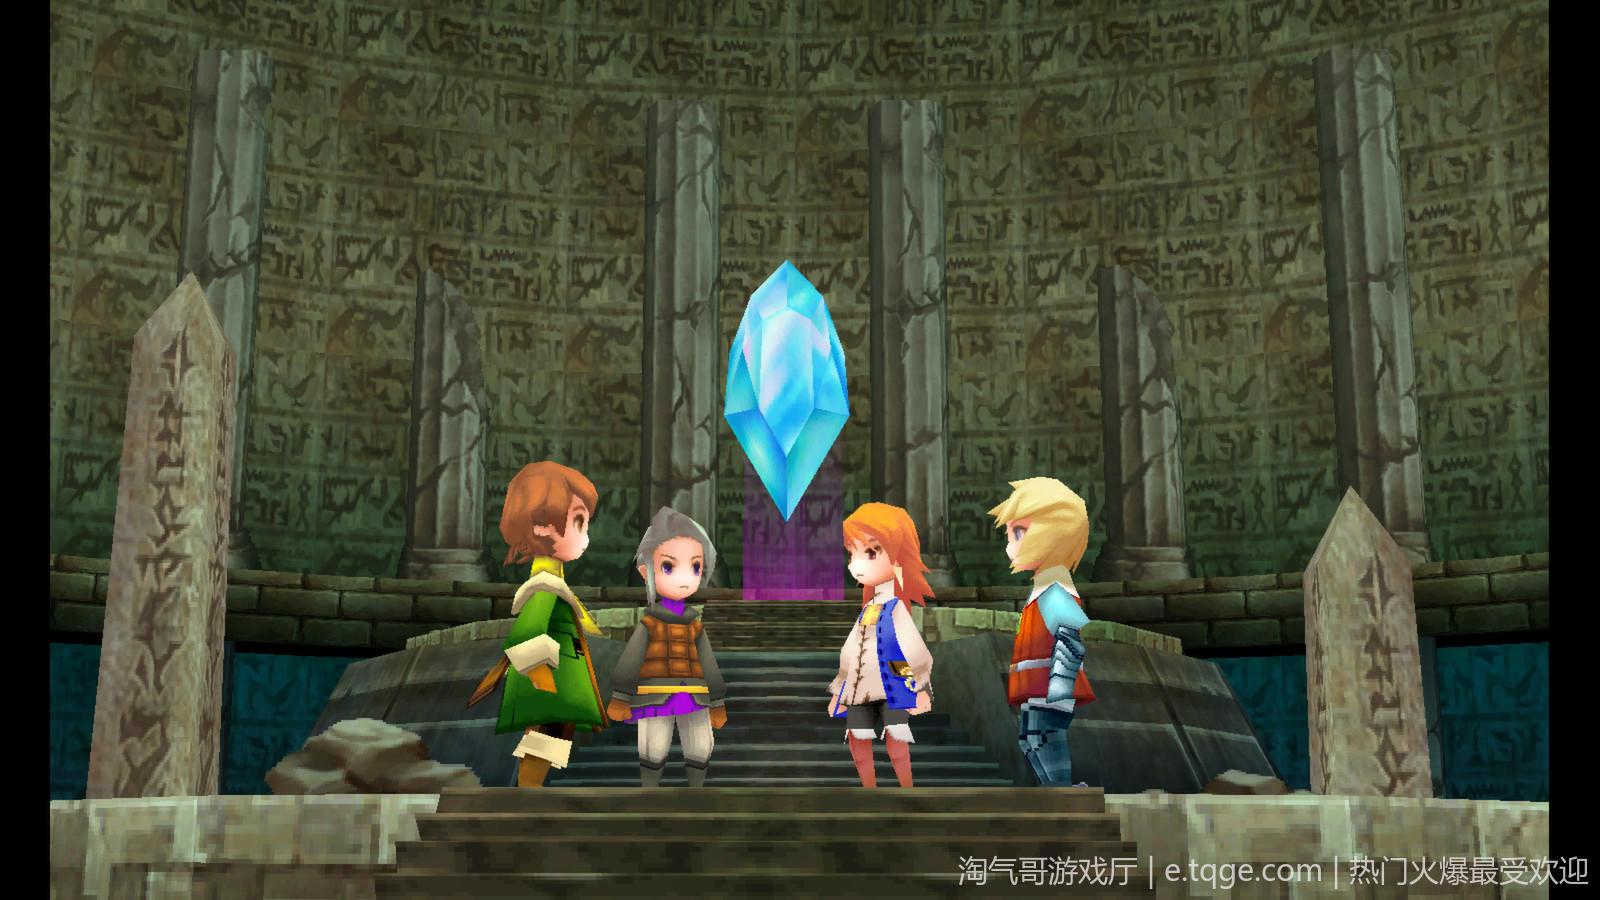 最终幻想3 热门游戏 第1张